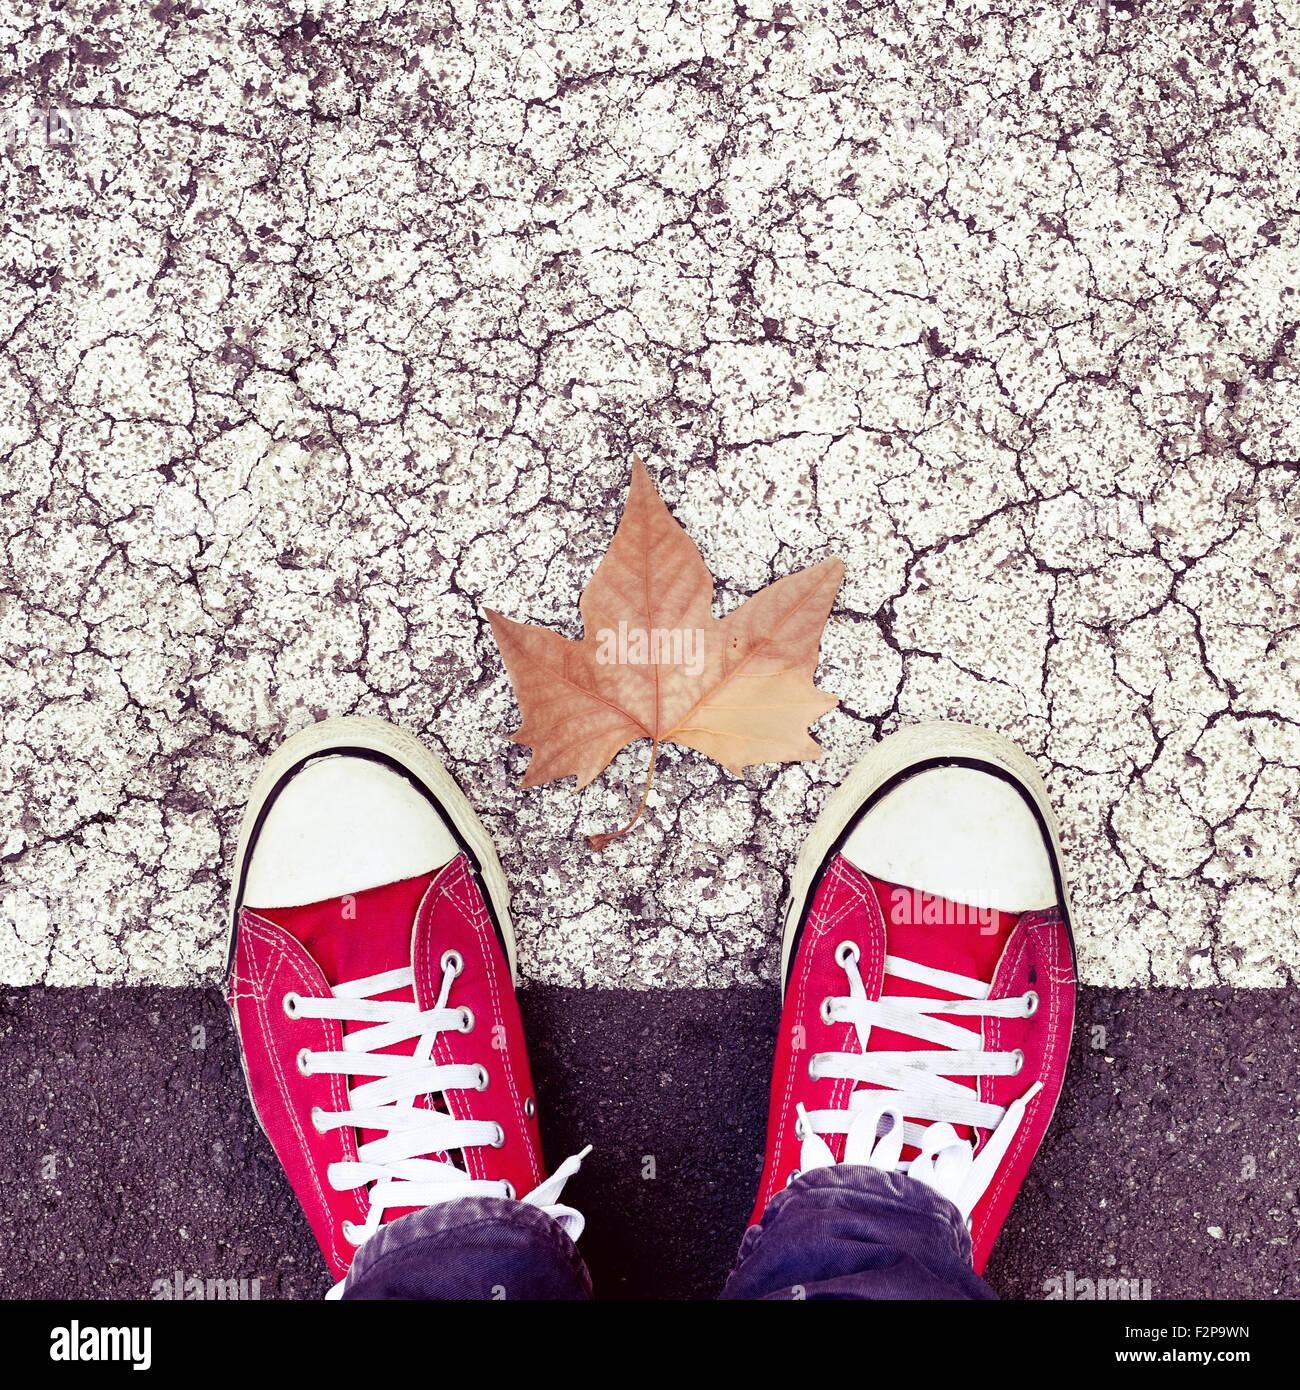 Alta angolazione di una foglia secca e i piedi di un uomo che indossa red sneakers sull'asfalto Immagini Stock